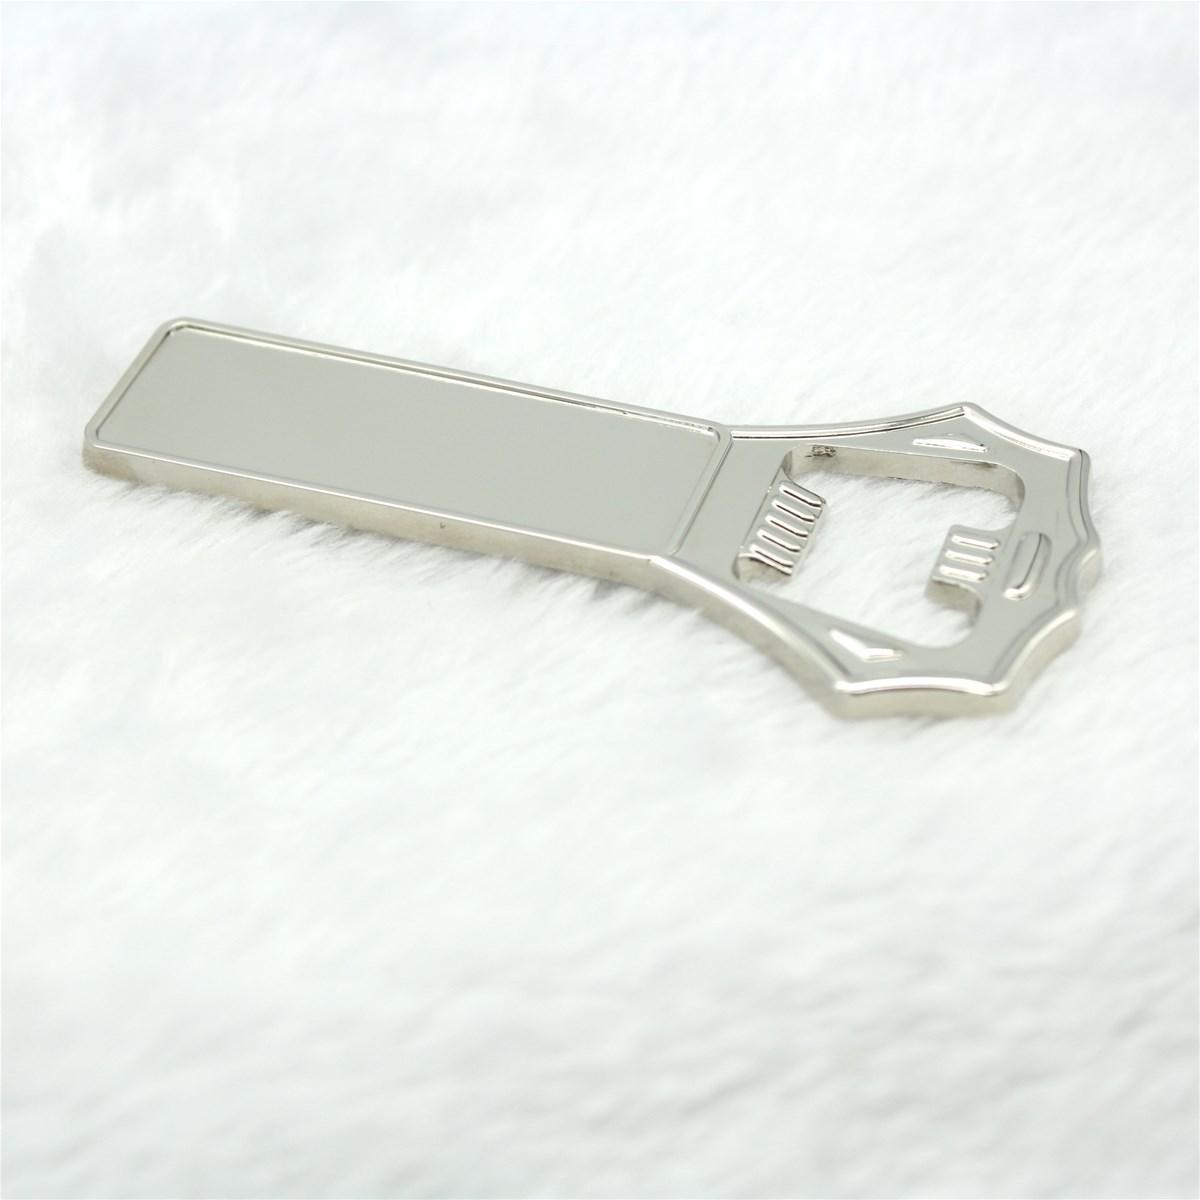 Blank Metal ZAMAC Keychain with Bottle Opener